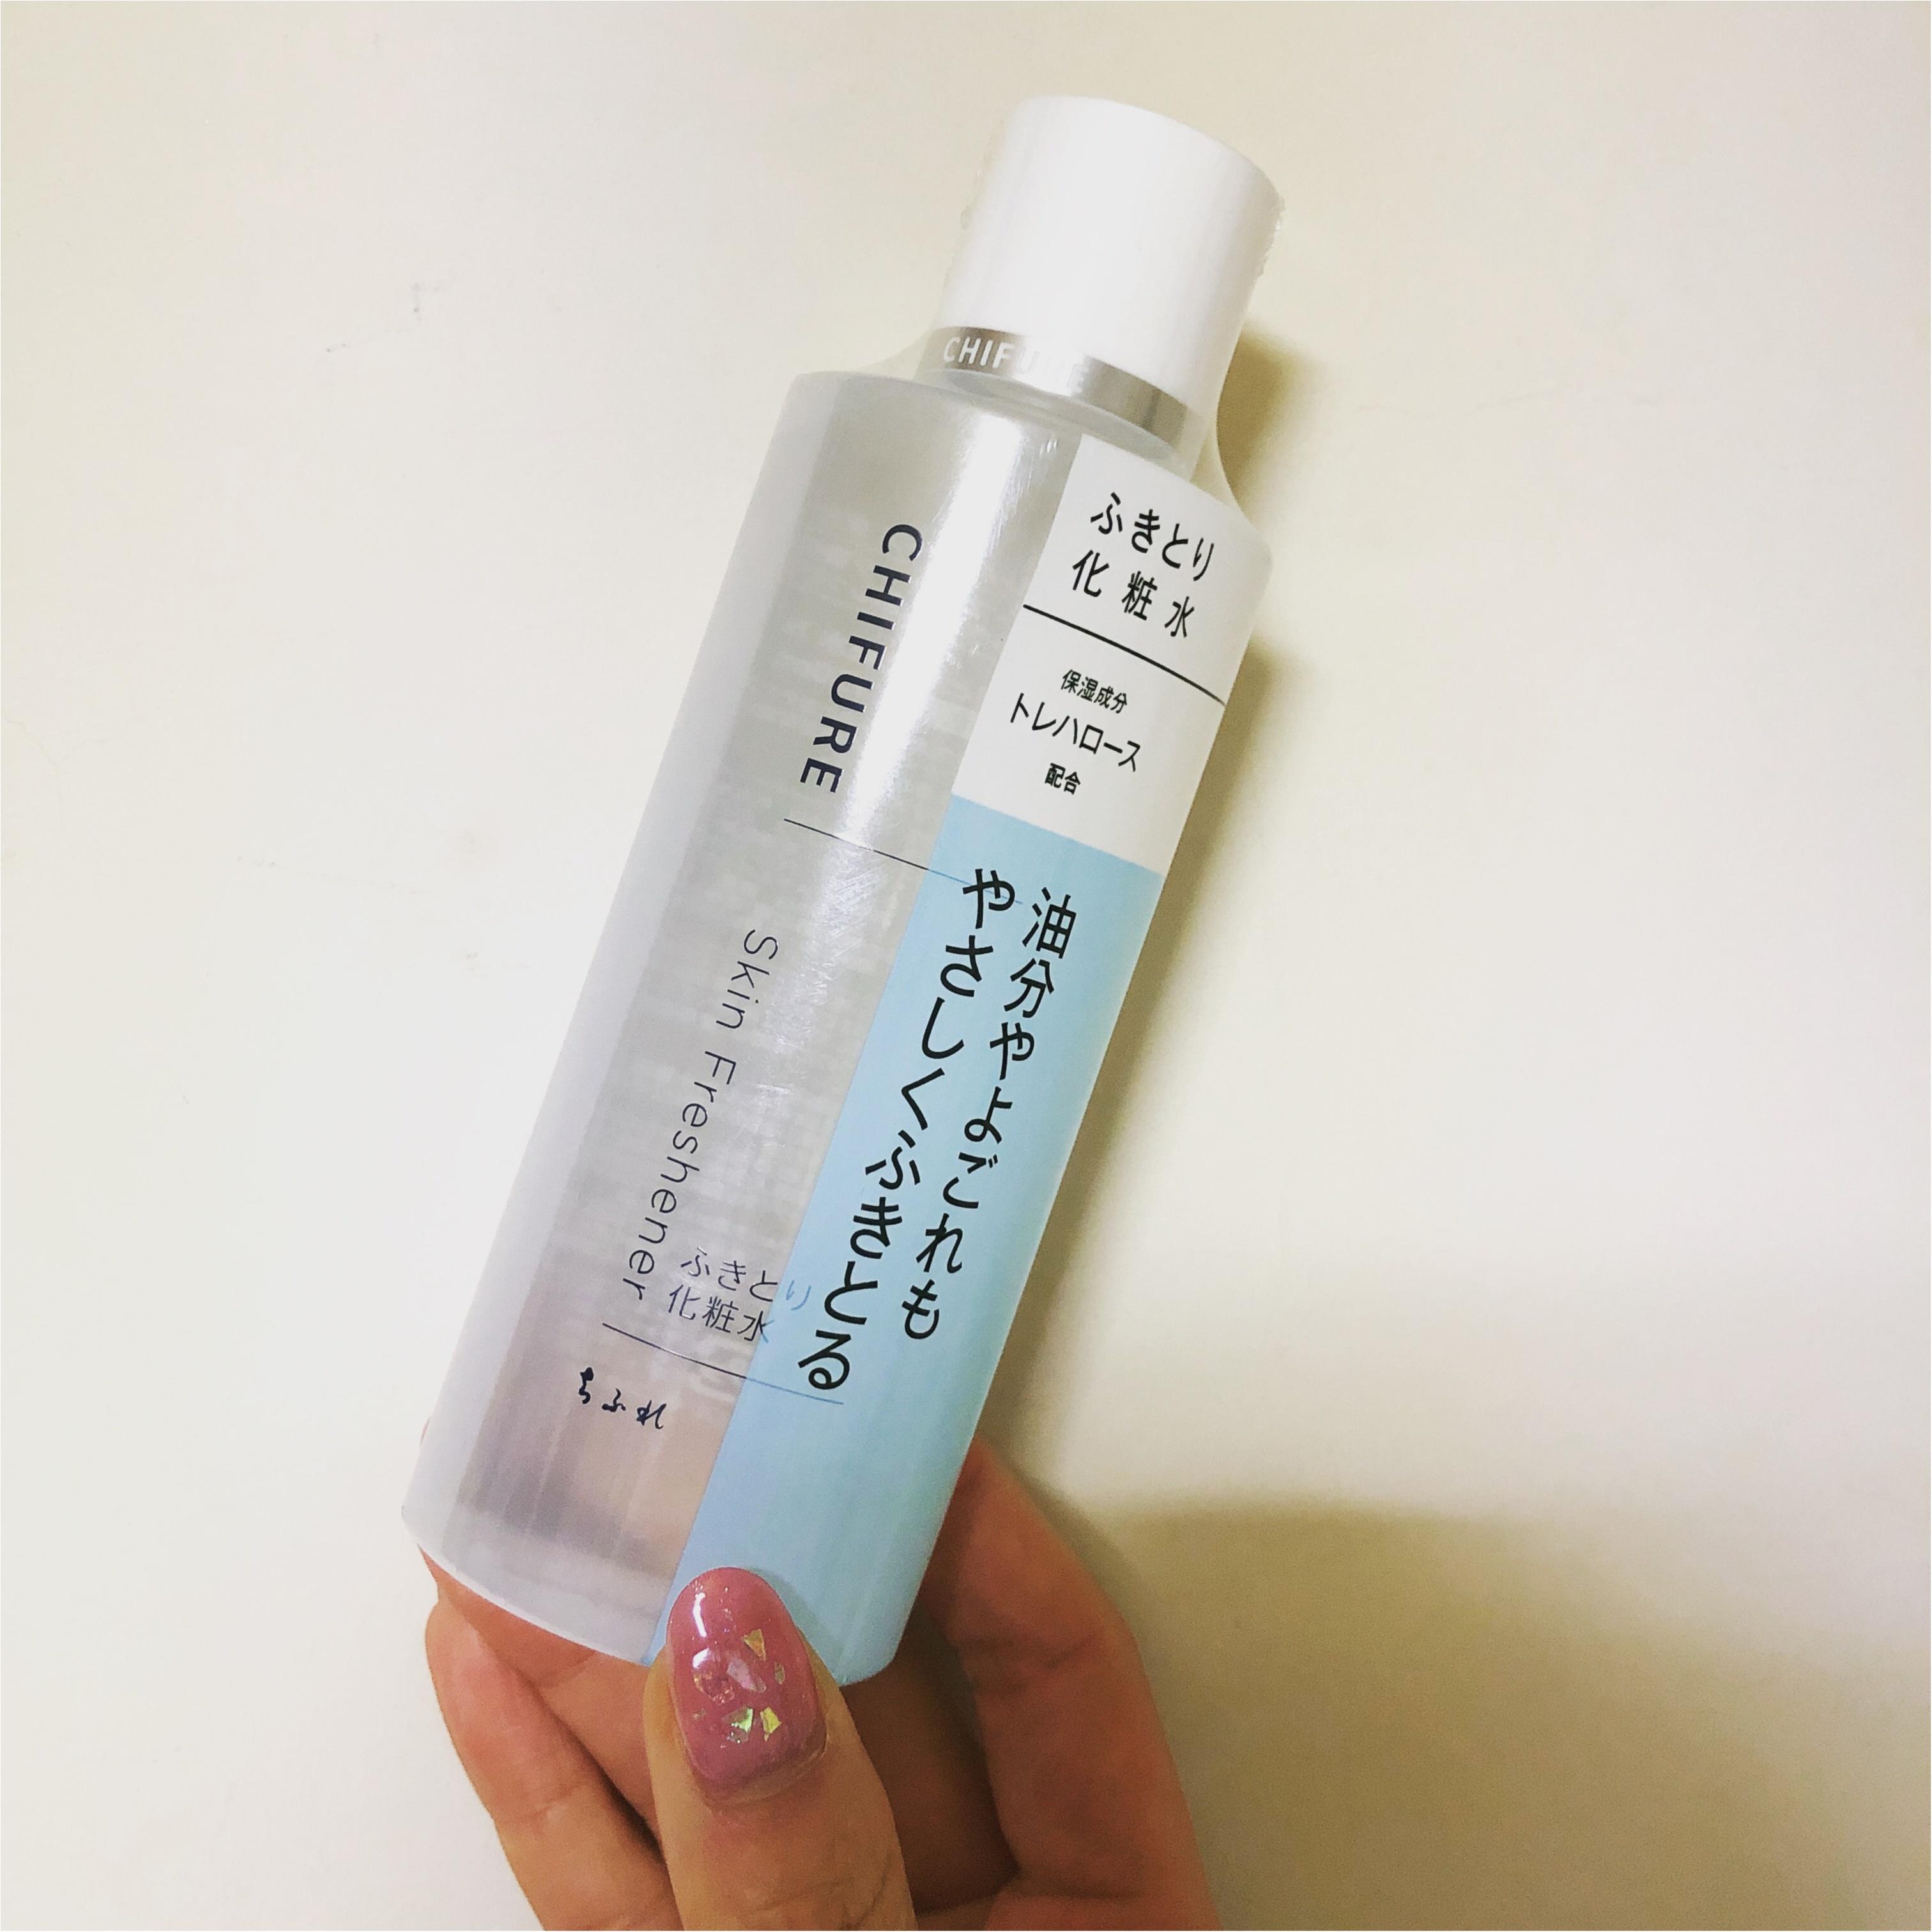 プチプラ化粧水特集 - 乾燥、ニキビ、美白などにおすすめの高コスパな化粧水まとめ_3